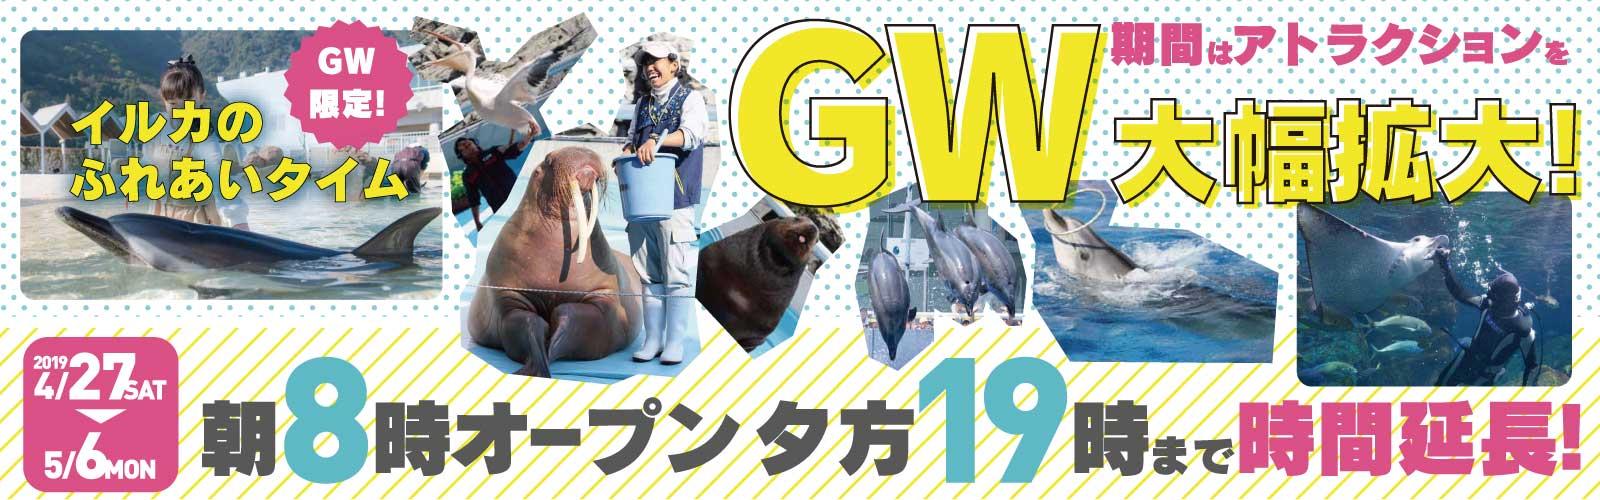 2019年GW情報